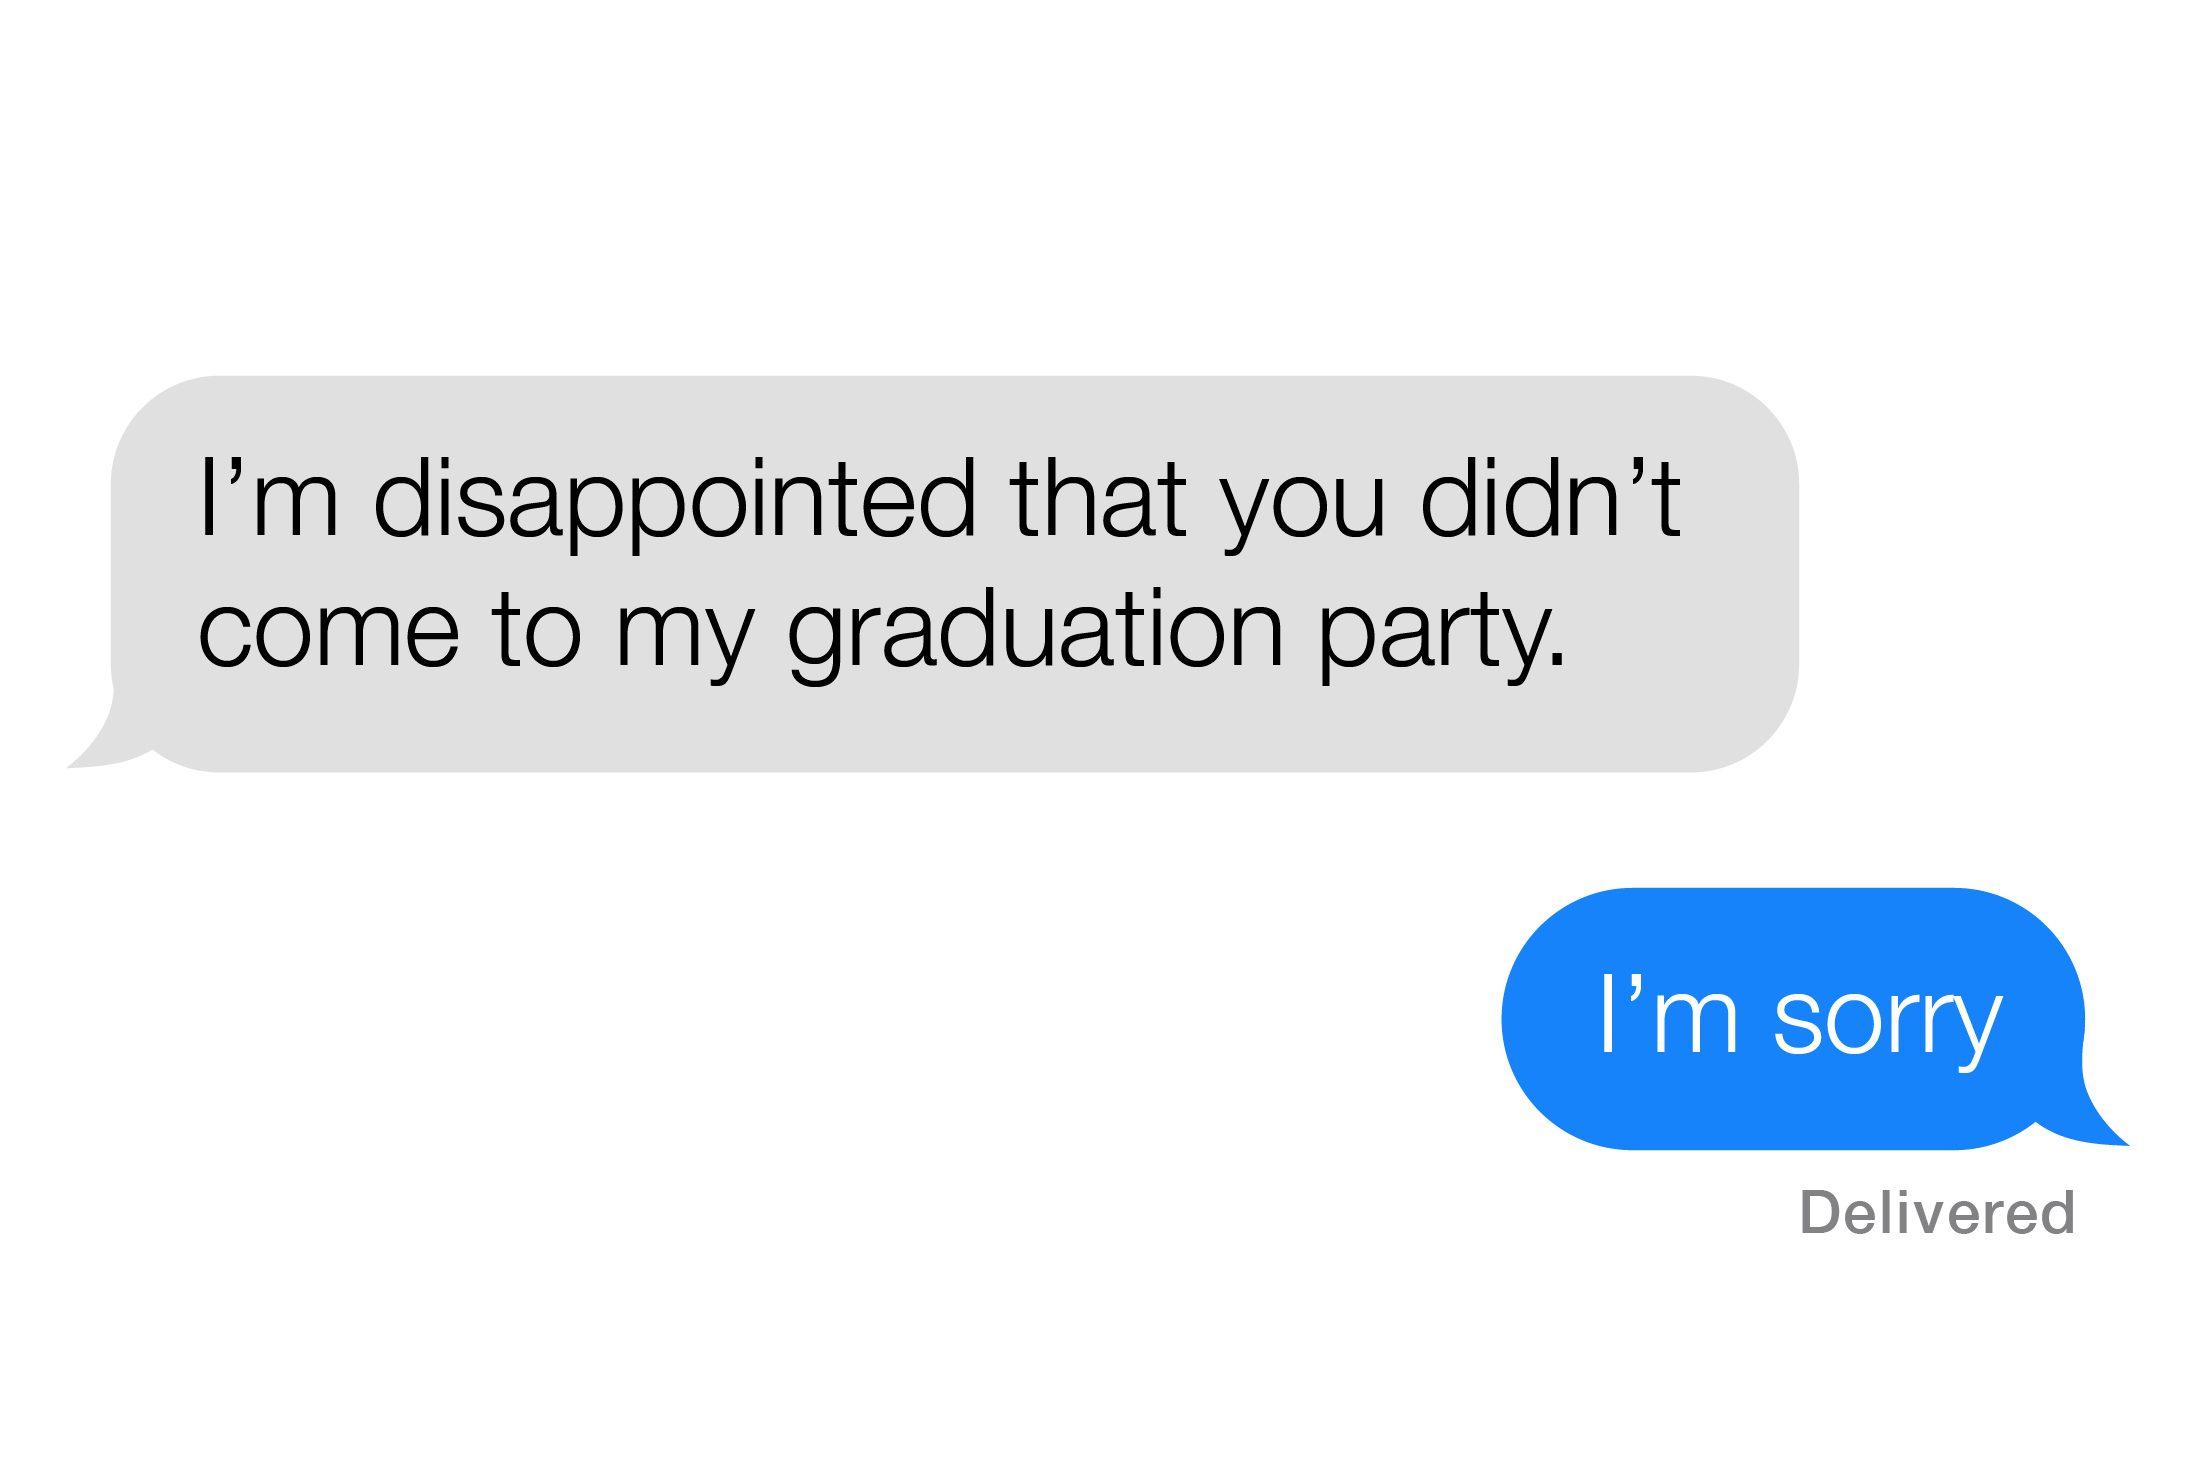 Screenshot of text conversation